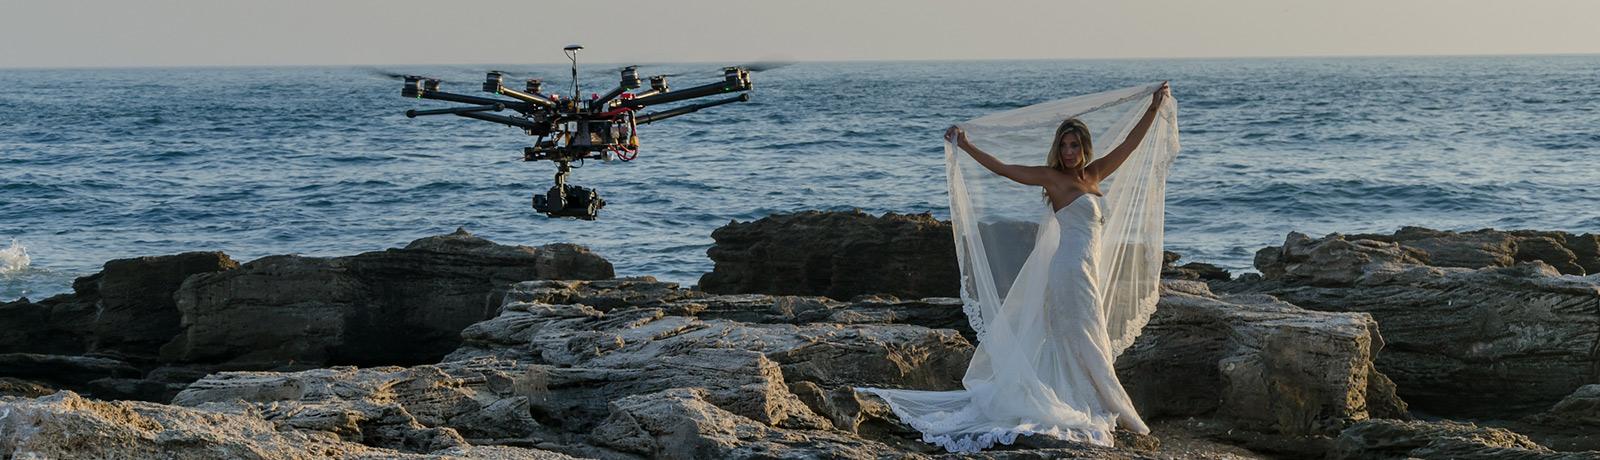 fotografias-y-videos-aereos-con-drones